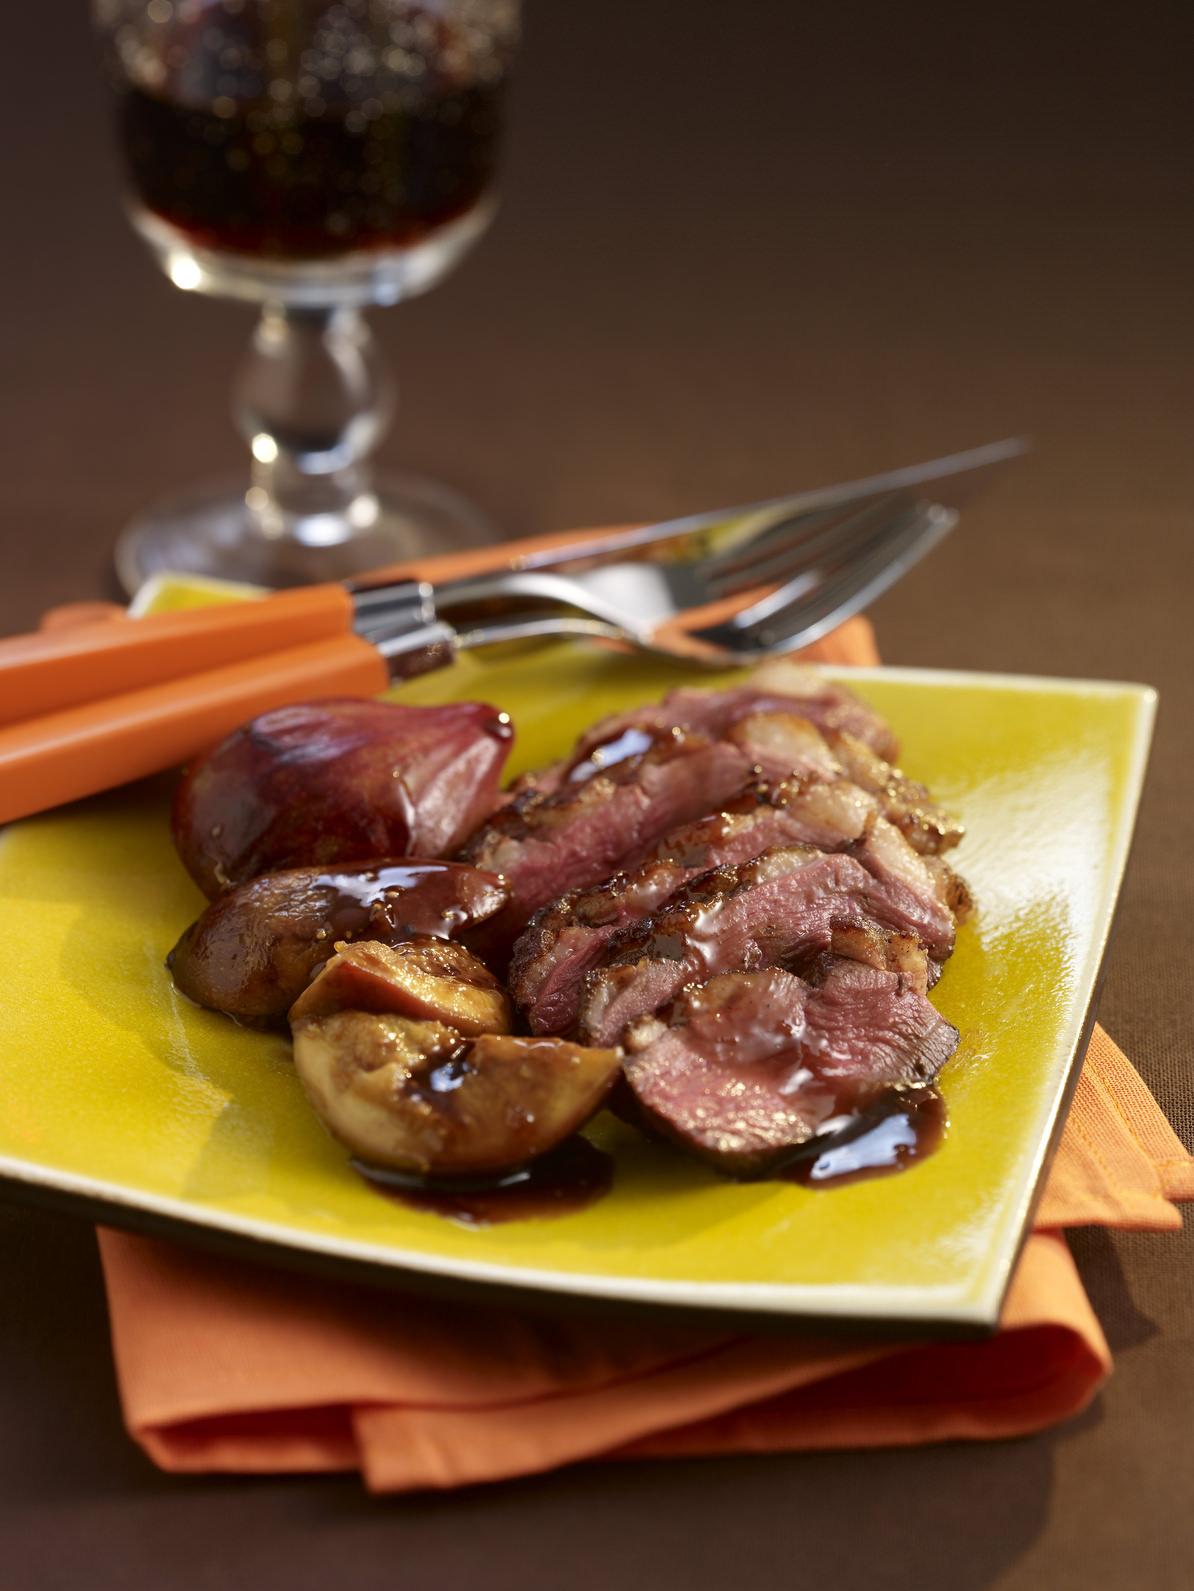 magret de canard aux figues une recette sal sucr d 39 automne les recettes de cuisine et mets. Black Bedroom Furniture Sets. Home Design Ideas